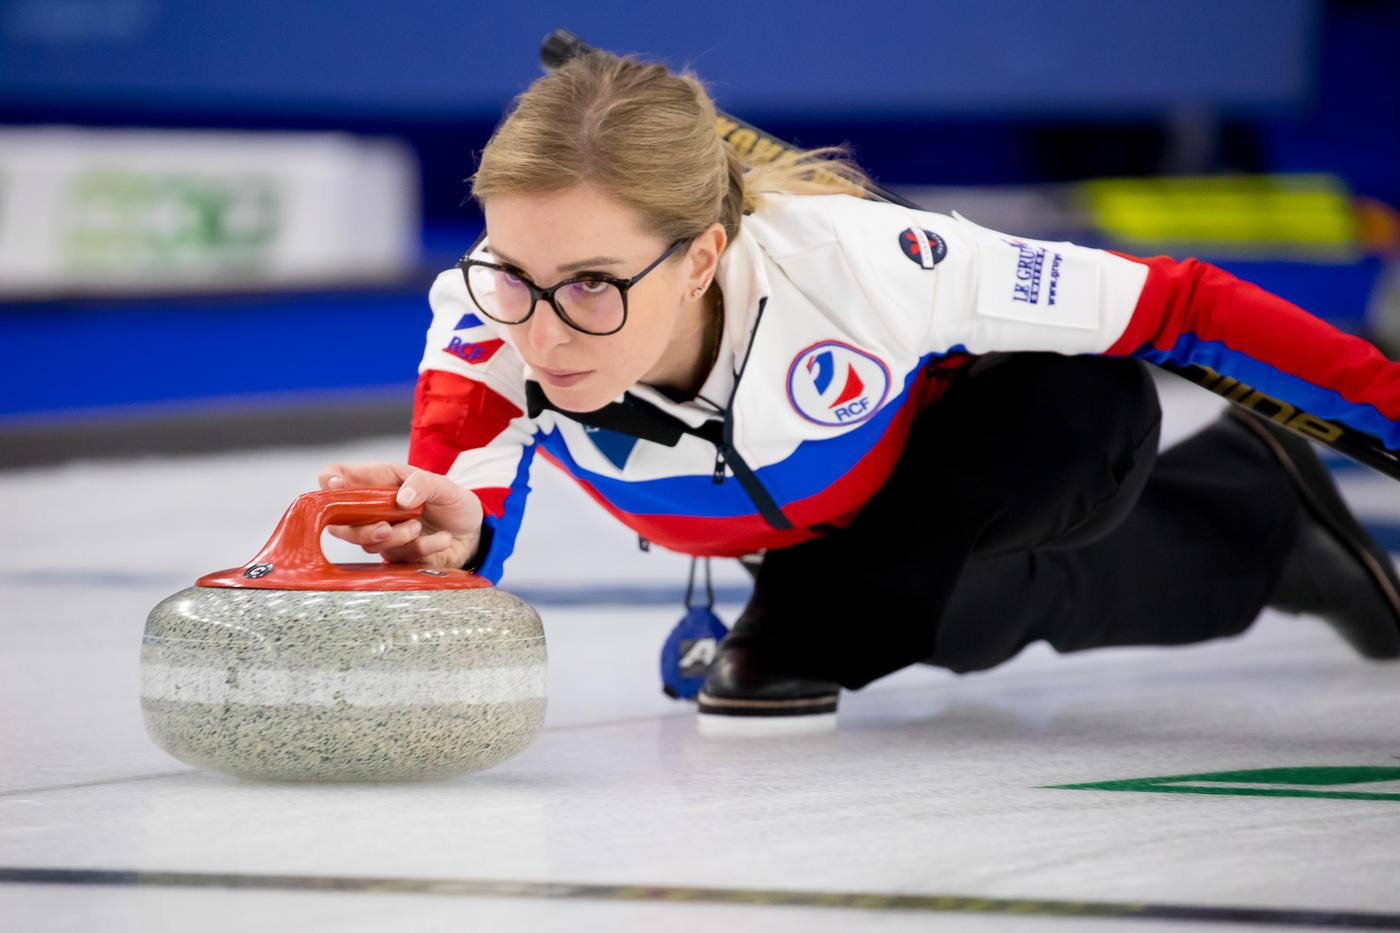 Сборная России завоевала серебро чемпионата мира по керлингу - фото